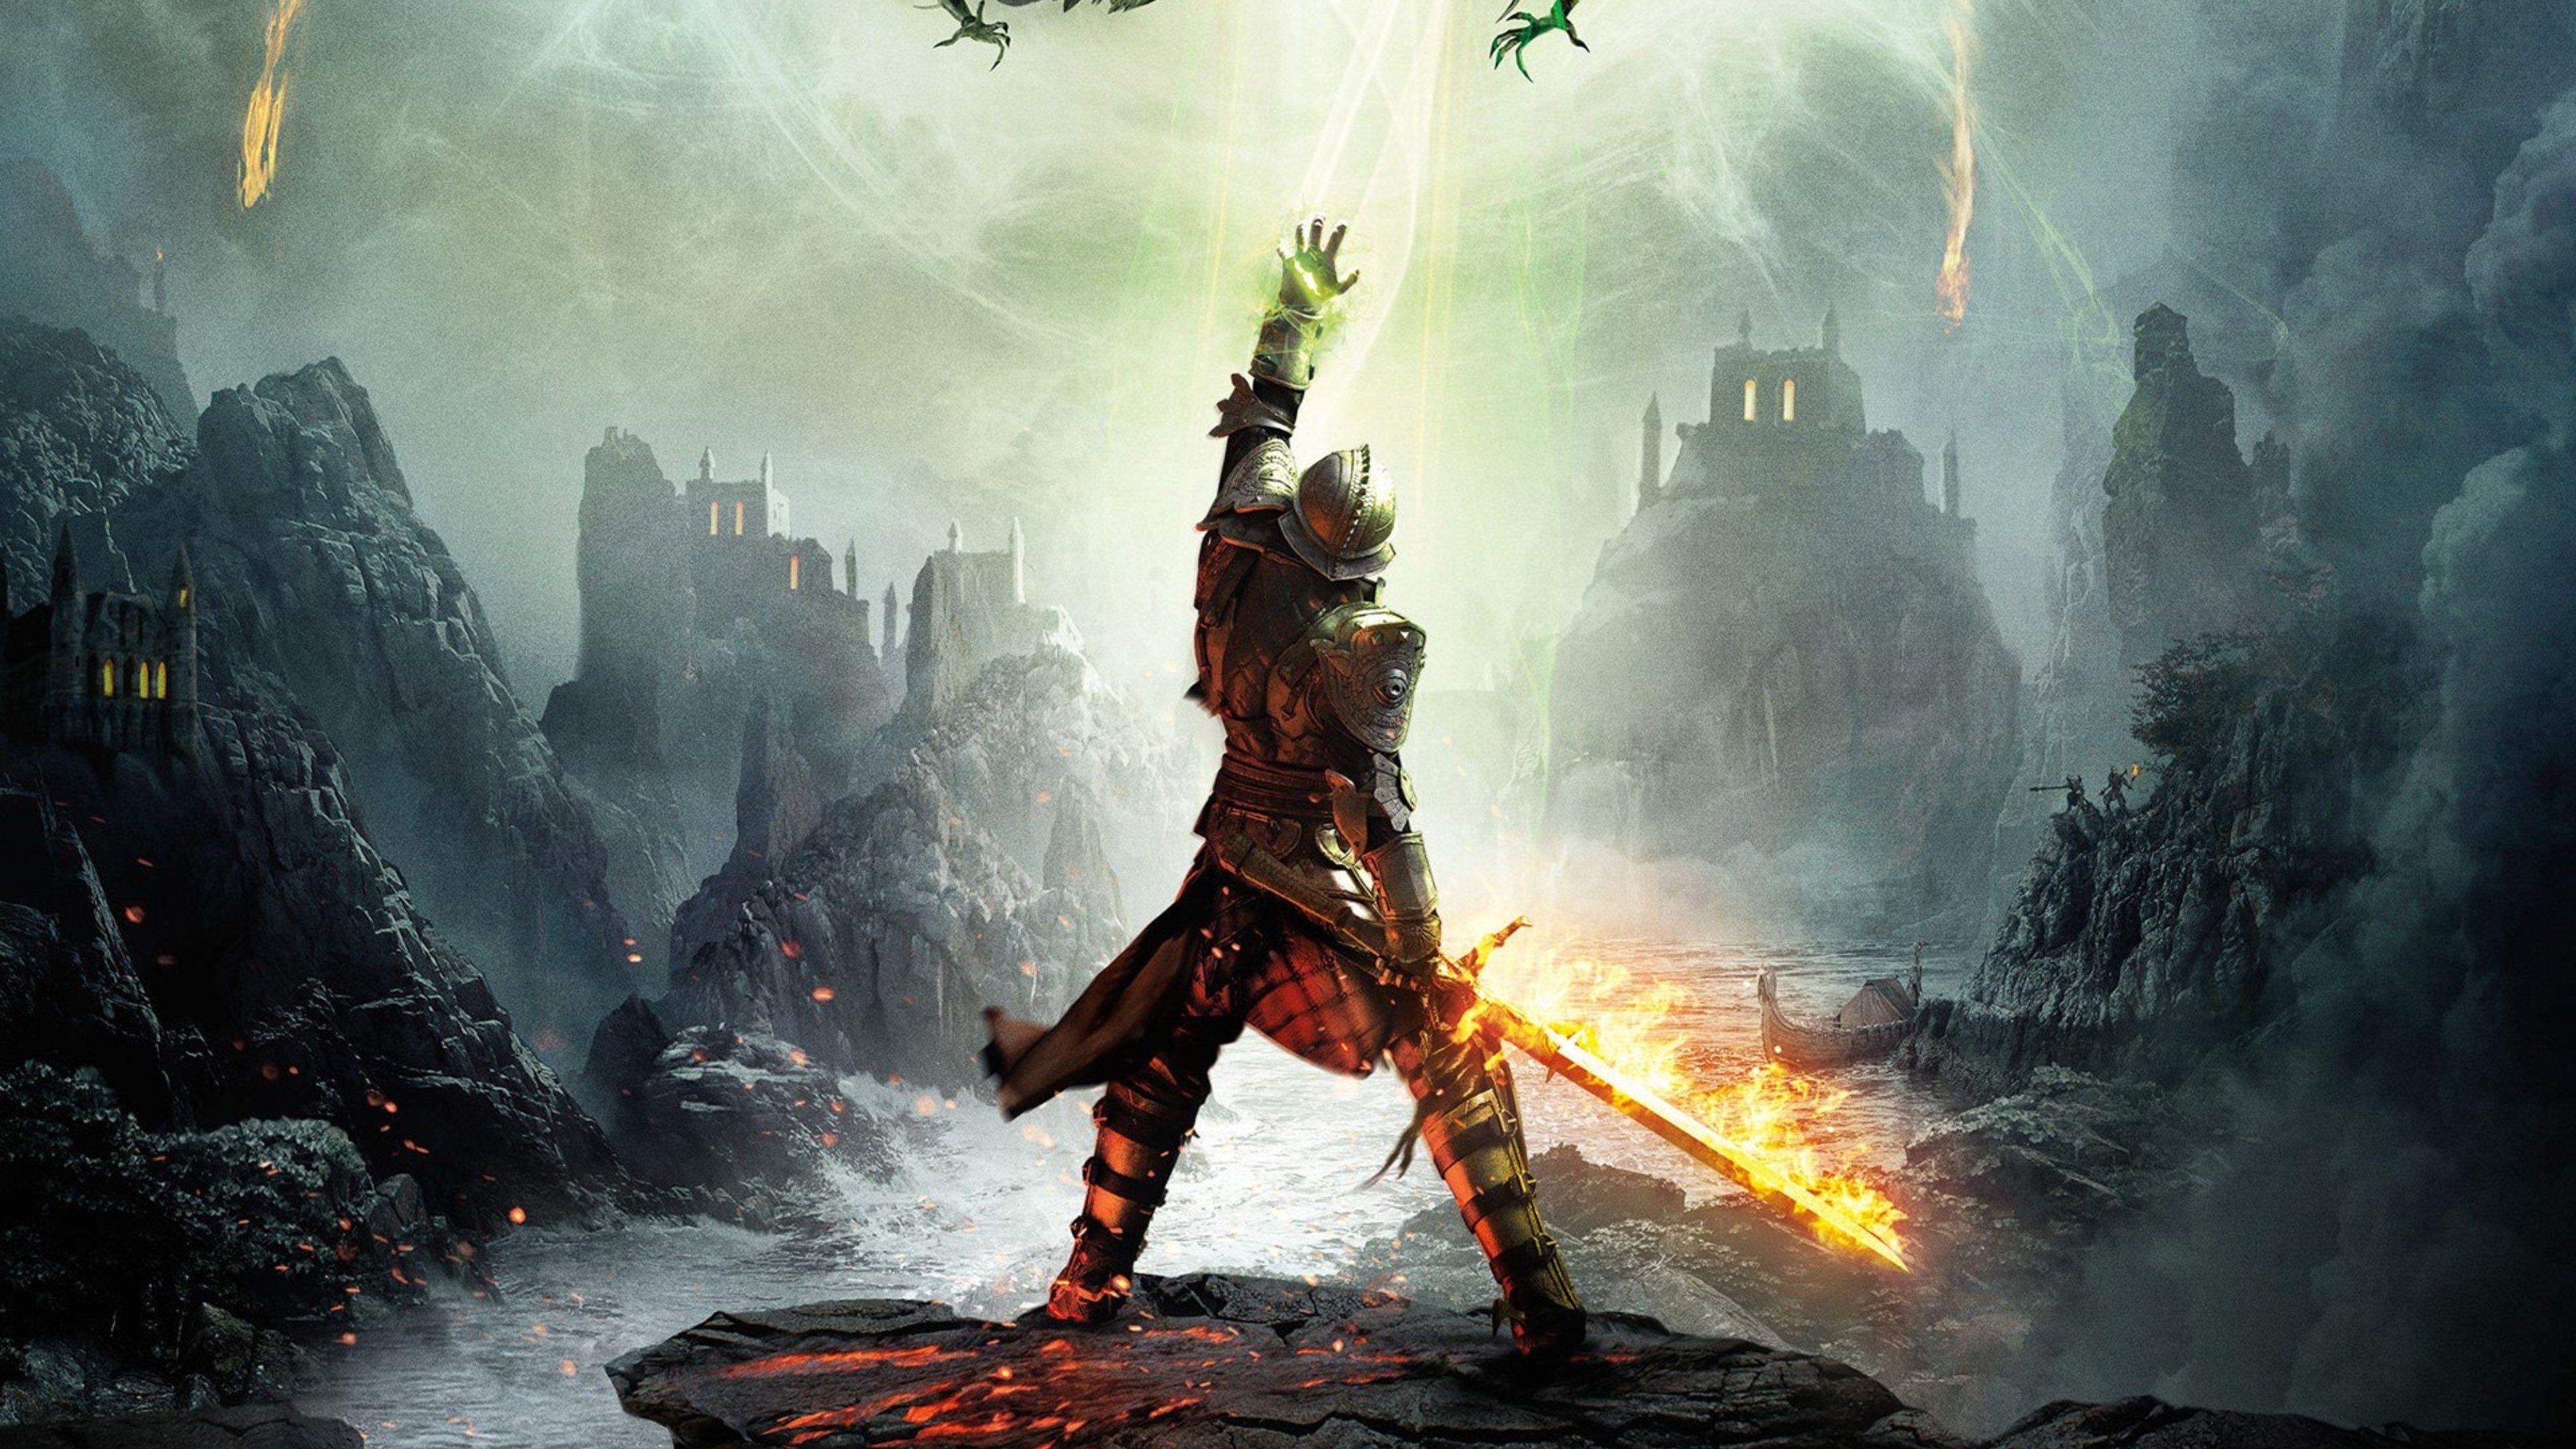 3840x2160 Dragon Age Inquisition 4k Desktop Wallpaper Hd Dragon Age 4 Dragon Age Dragon Age Inquisition